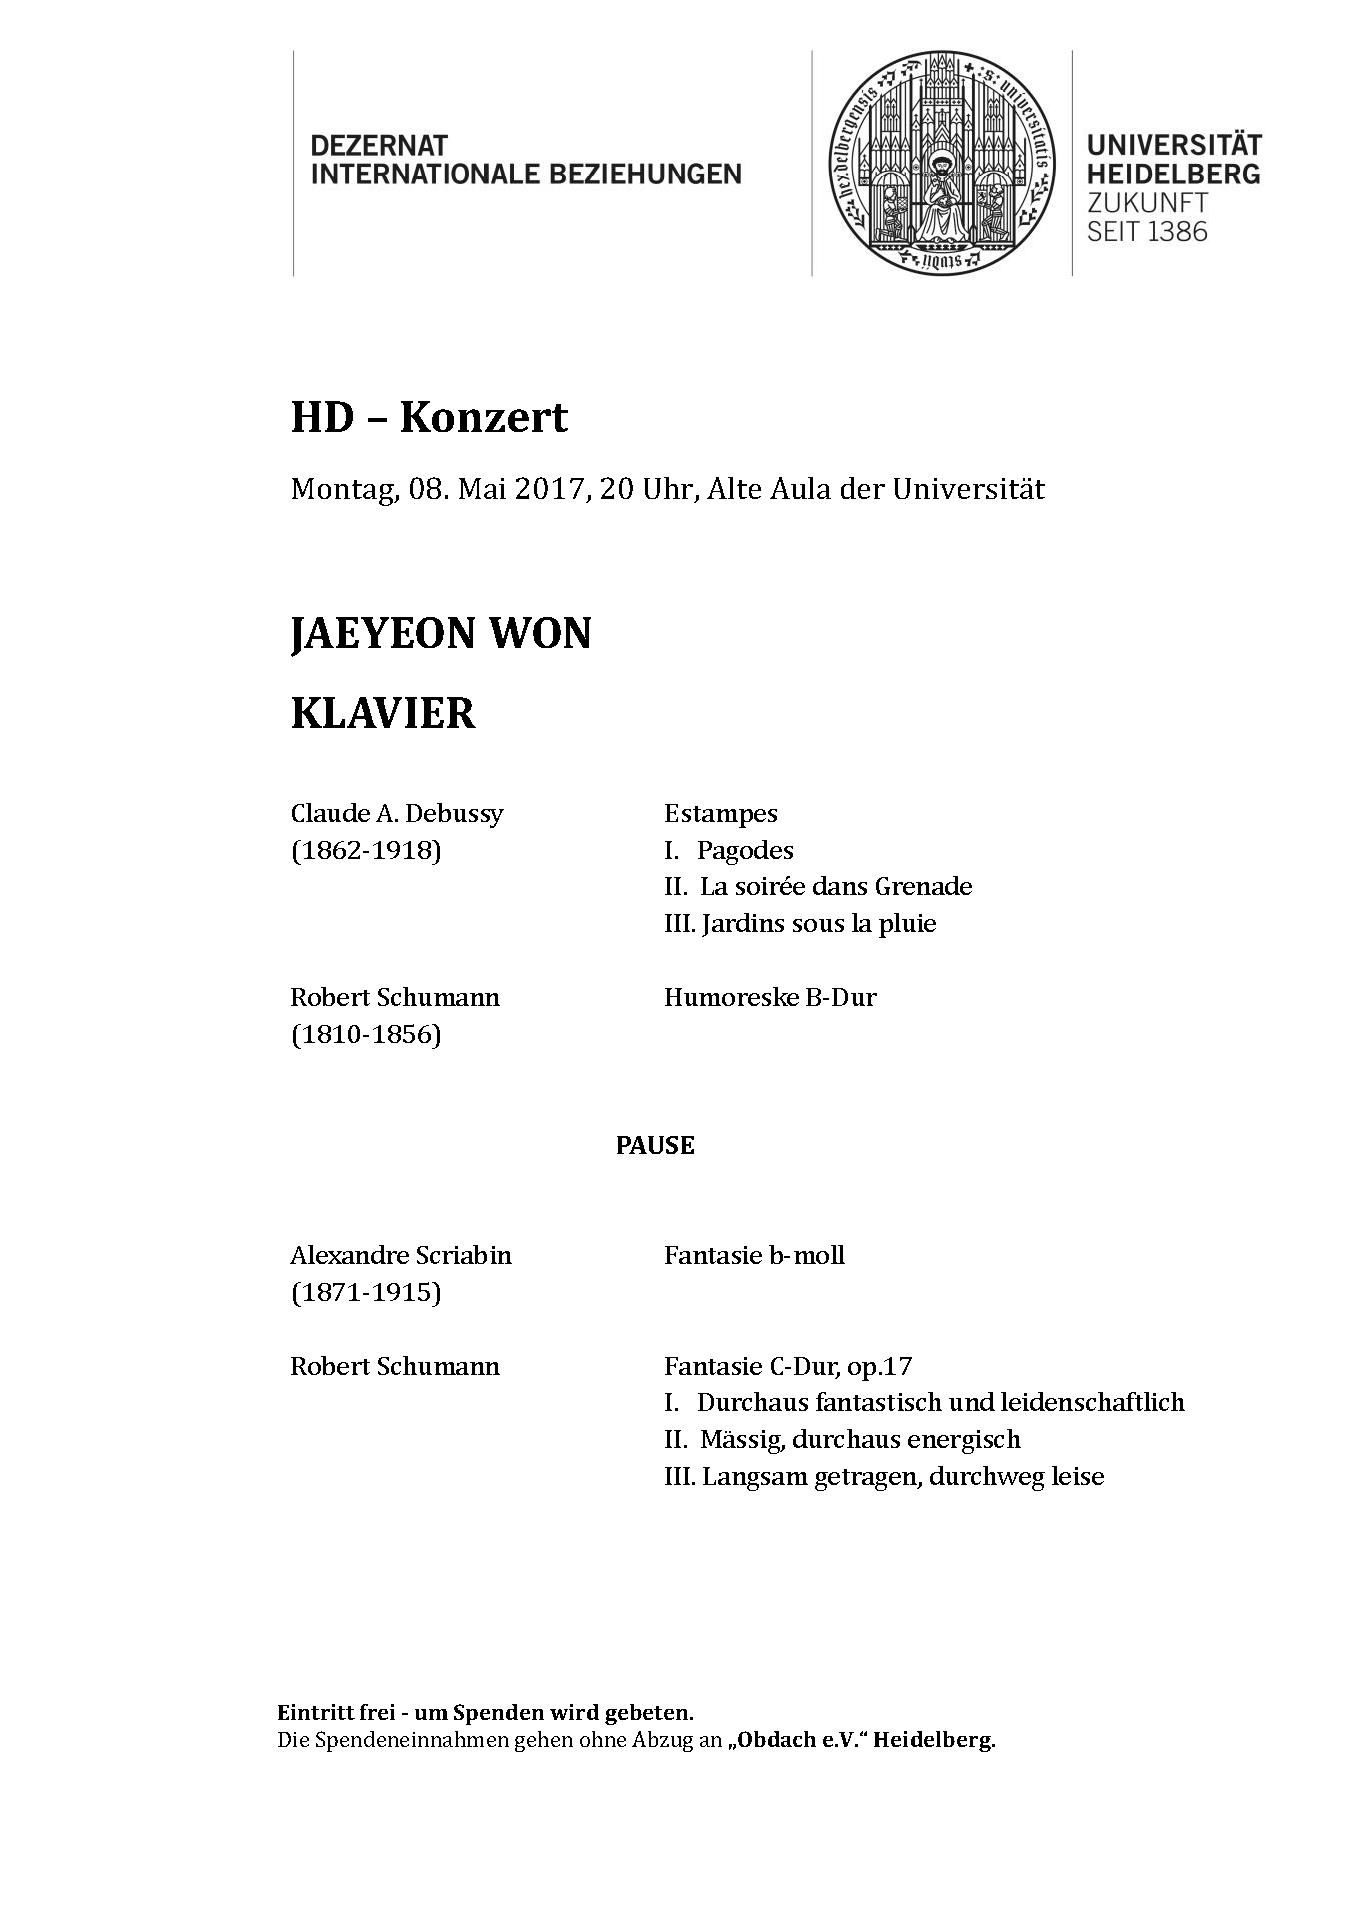 programm_hd_konzert_ss17